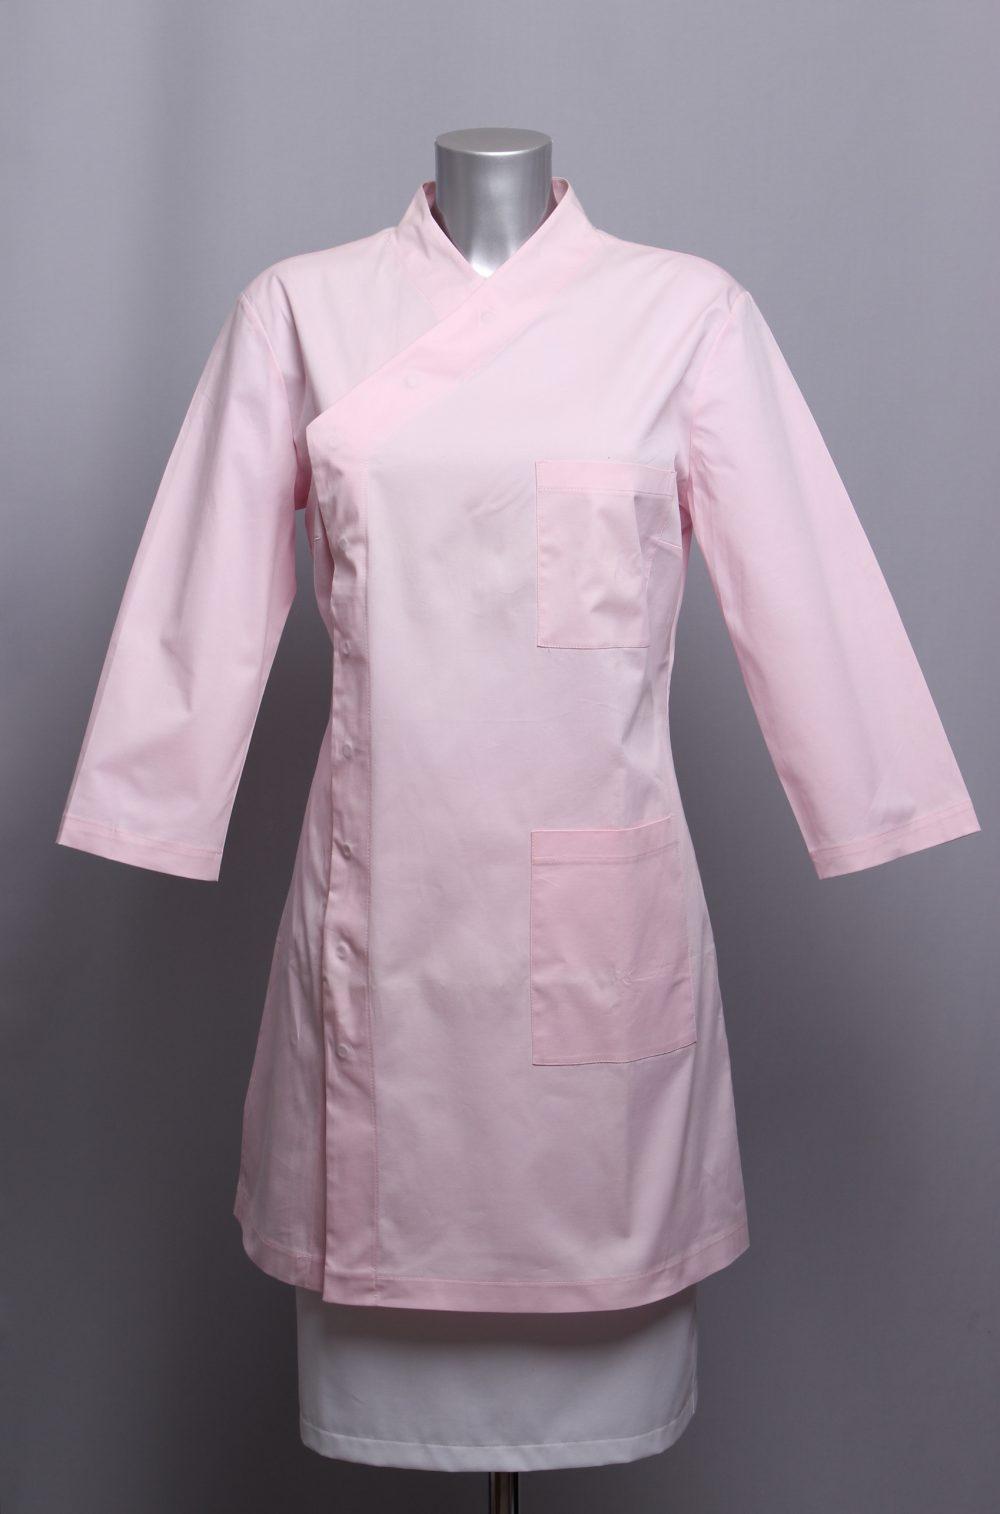 uniforme ženske, medicinska odjeća, kute za wellness, njegovateljice, kozmetičke salone